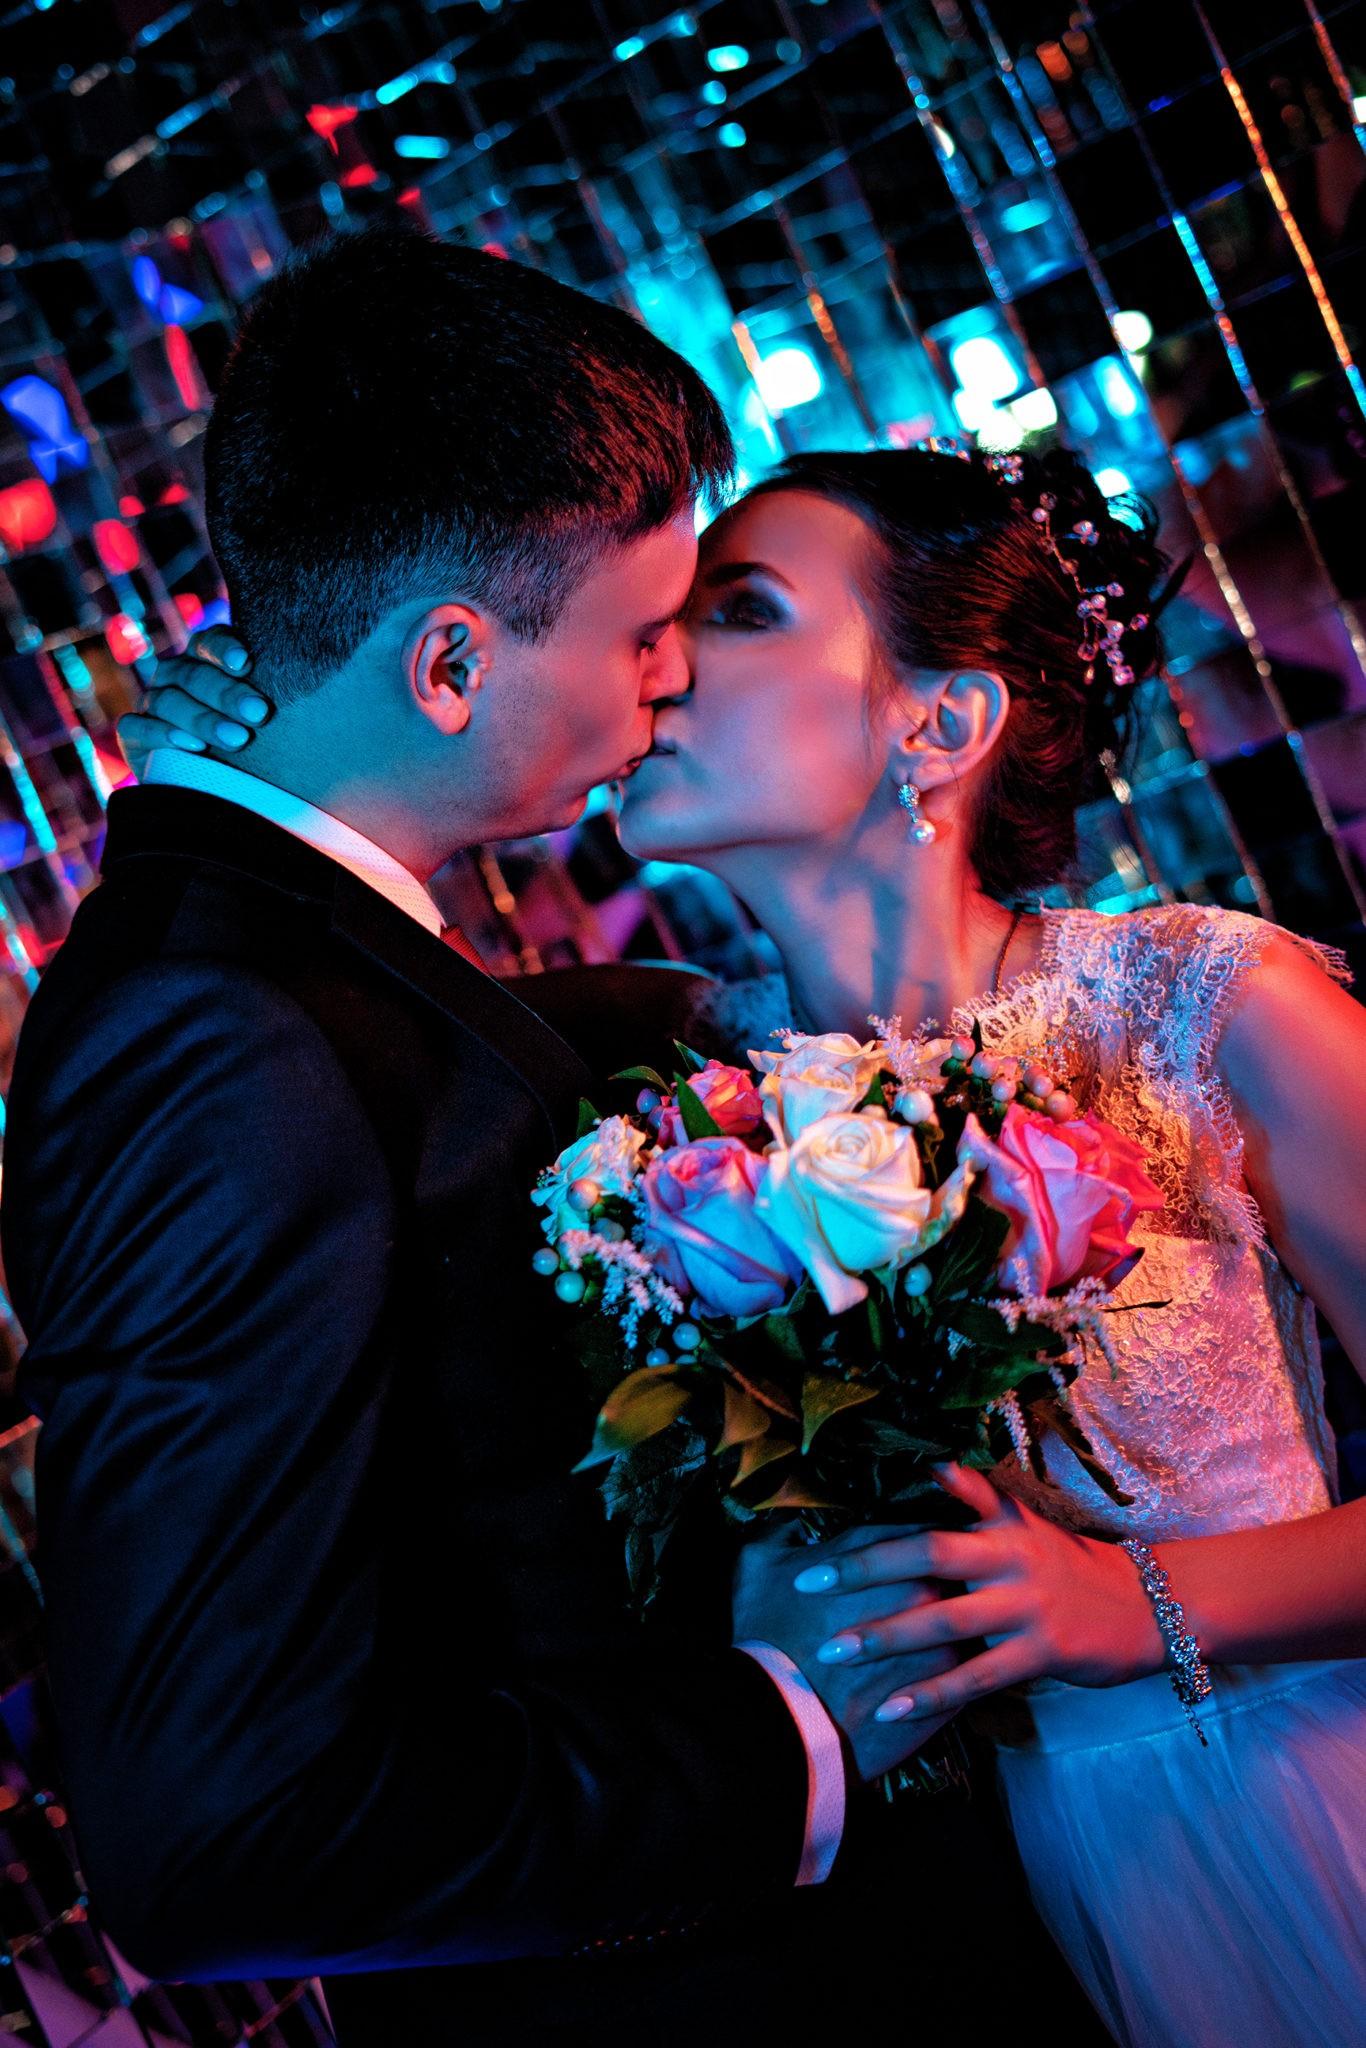 Свадебная съемка от Краснодарского свадебного фотографа в атмосферной, неоновой студии 69volt Краснодара: поцелуй крупным планом